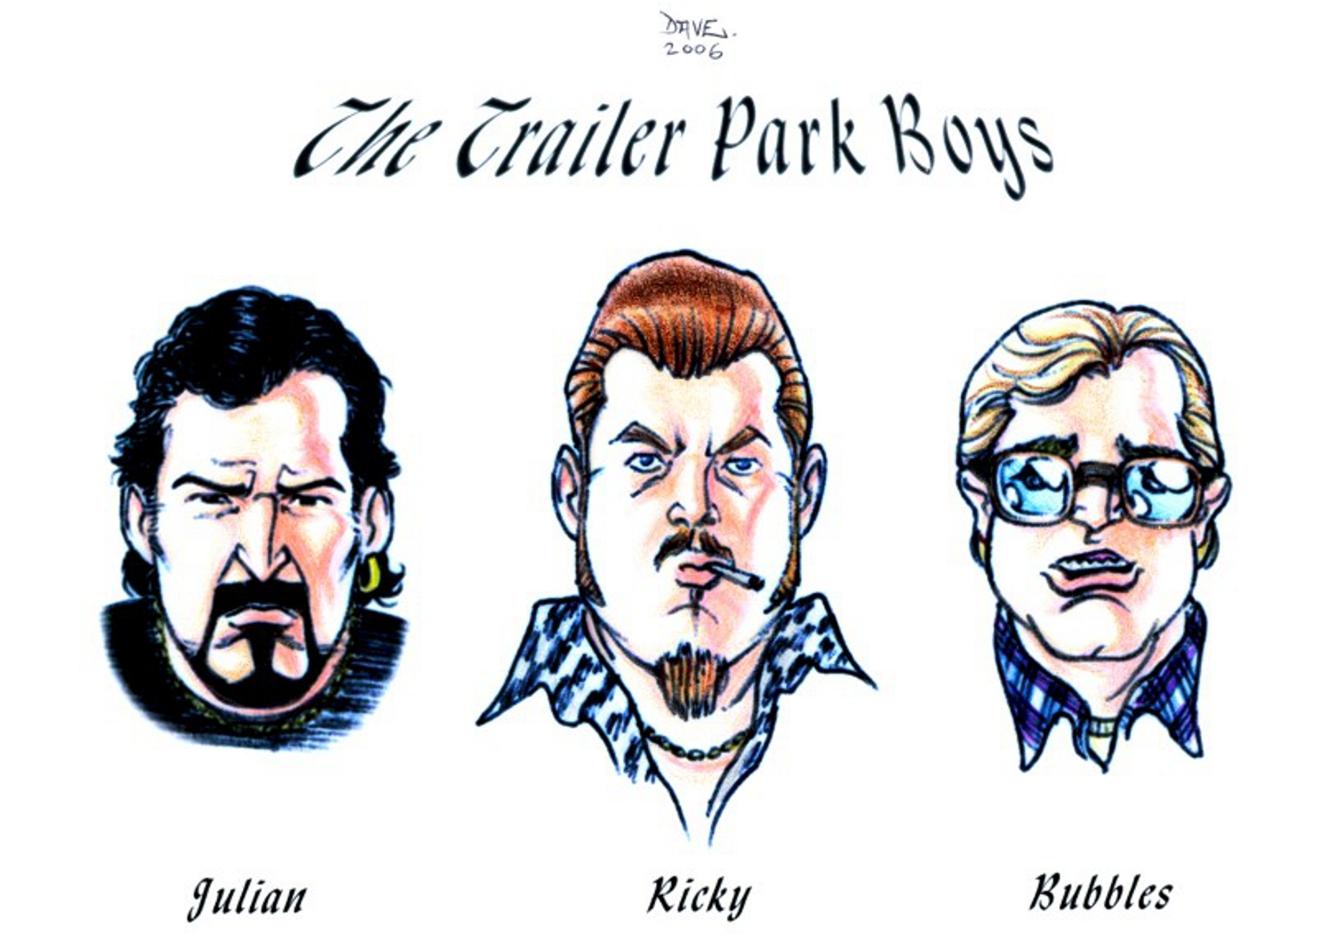 2006 - Trailer Park Boys